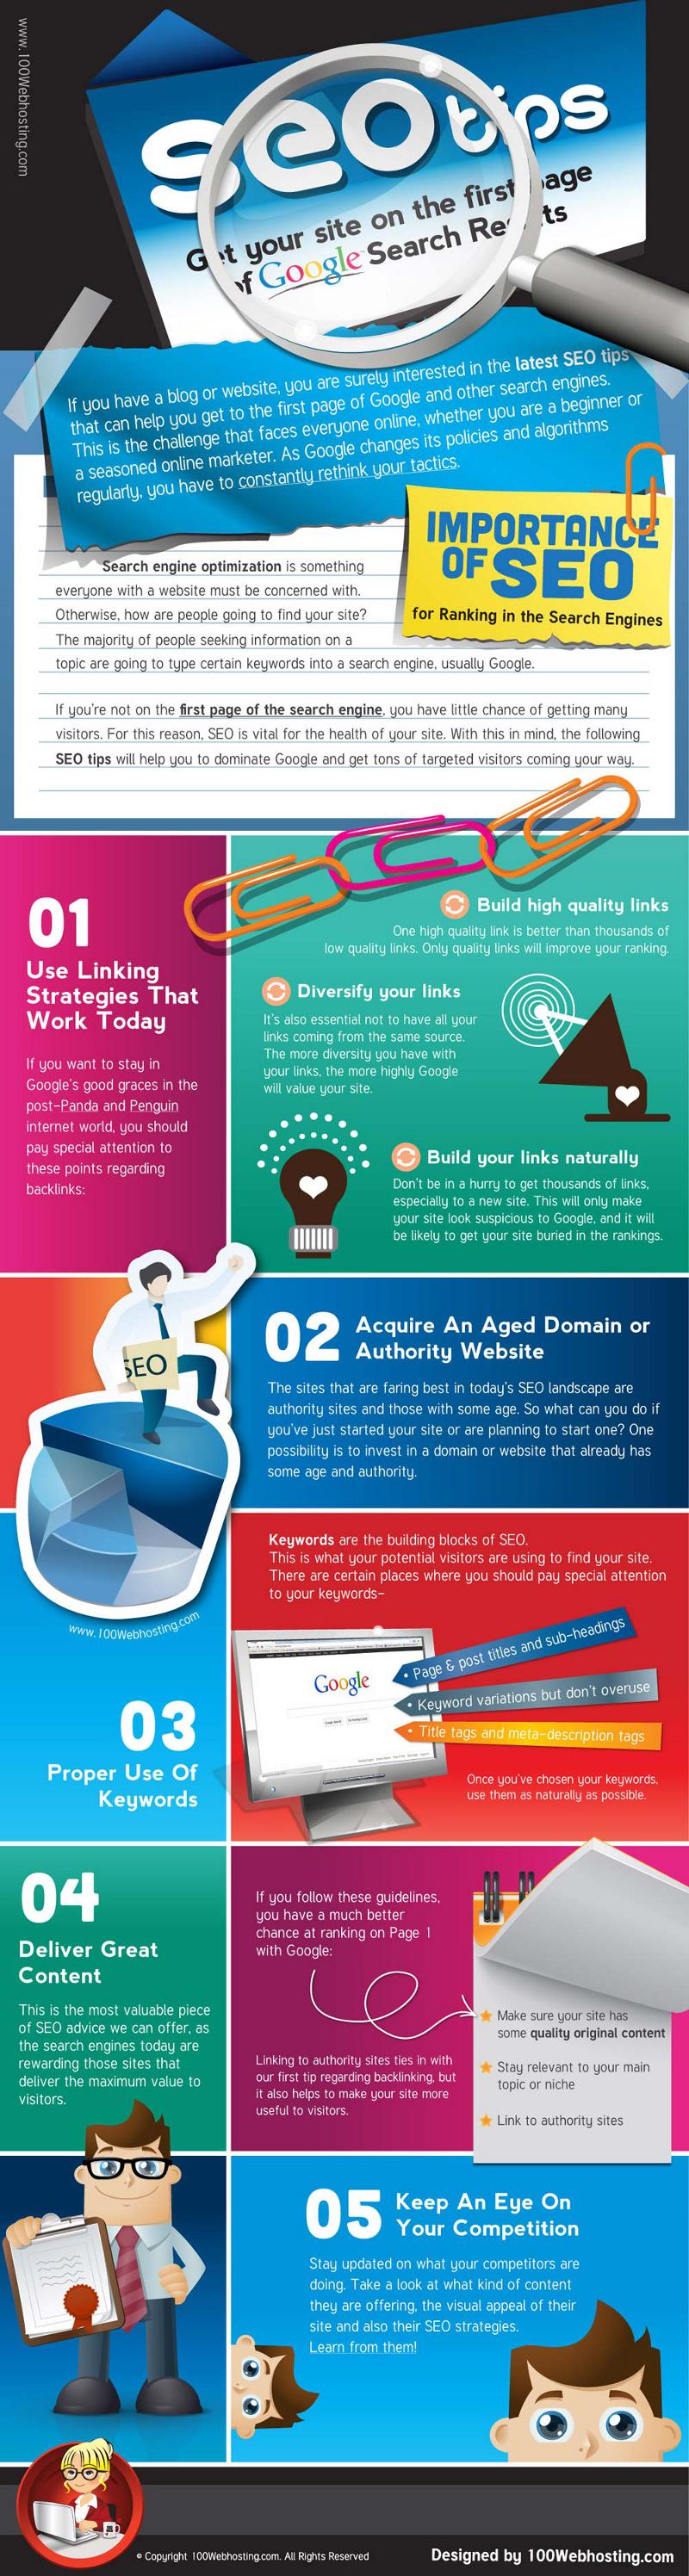 Tips for Google SEO